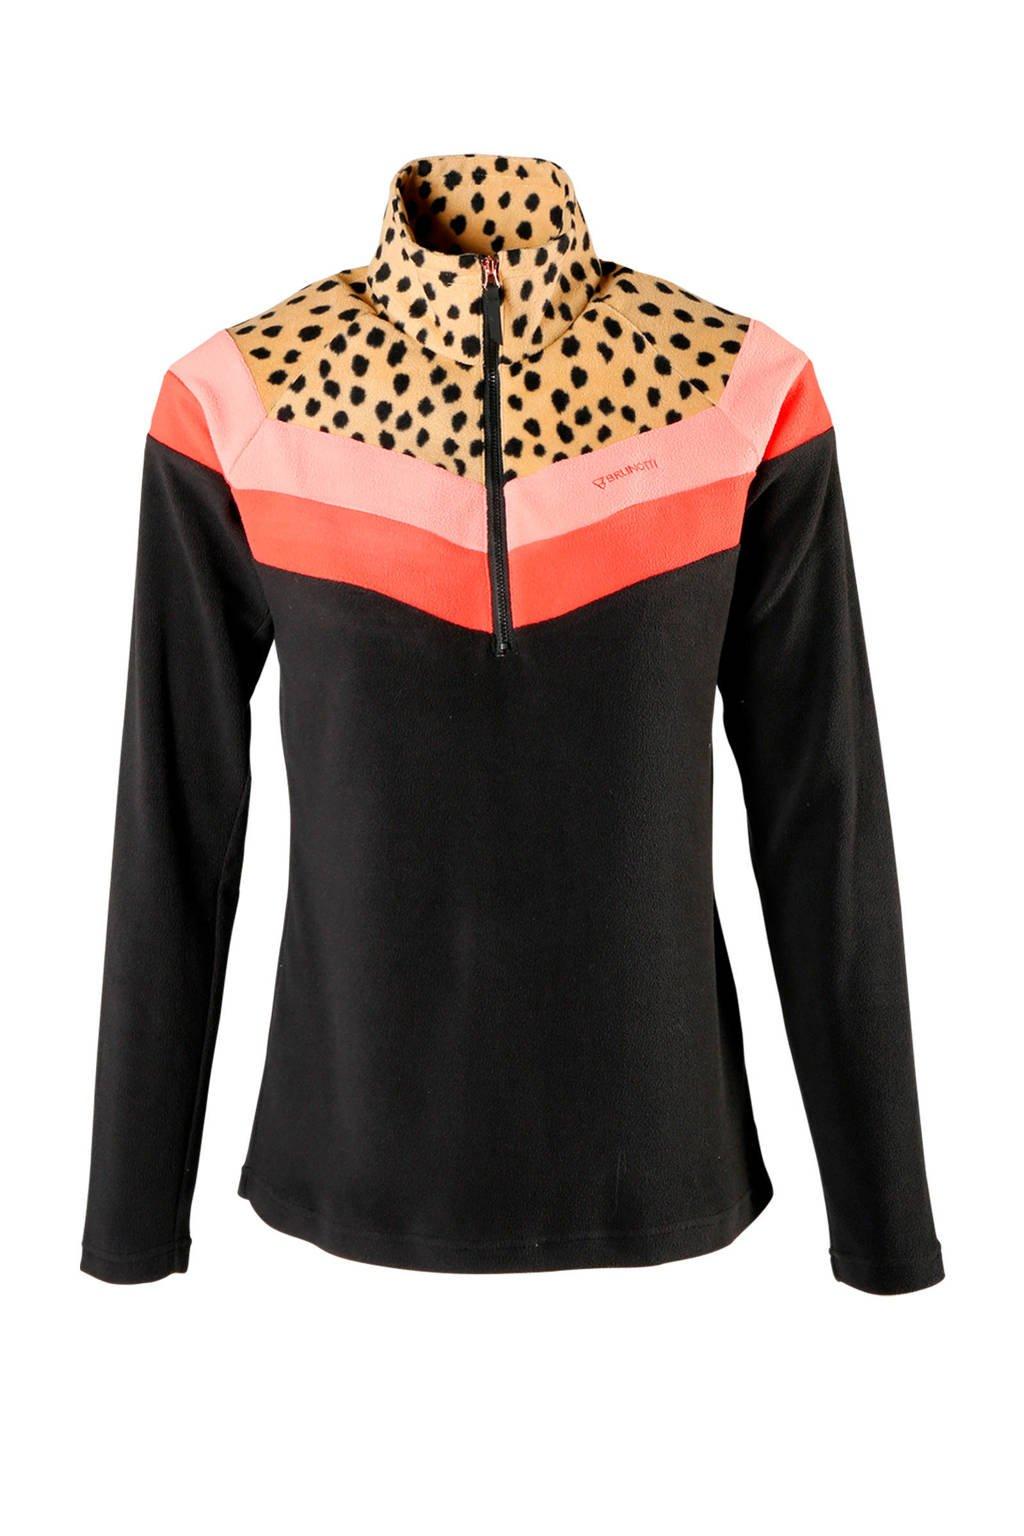 Brunotti skipully beige/roze/zwart, Beige/roze/zwart